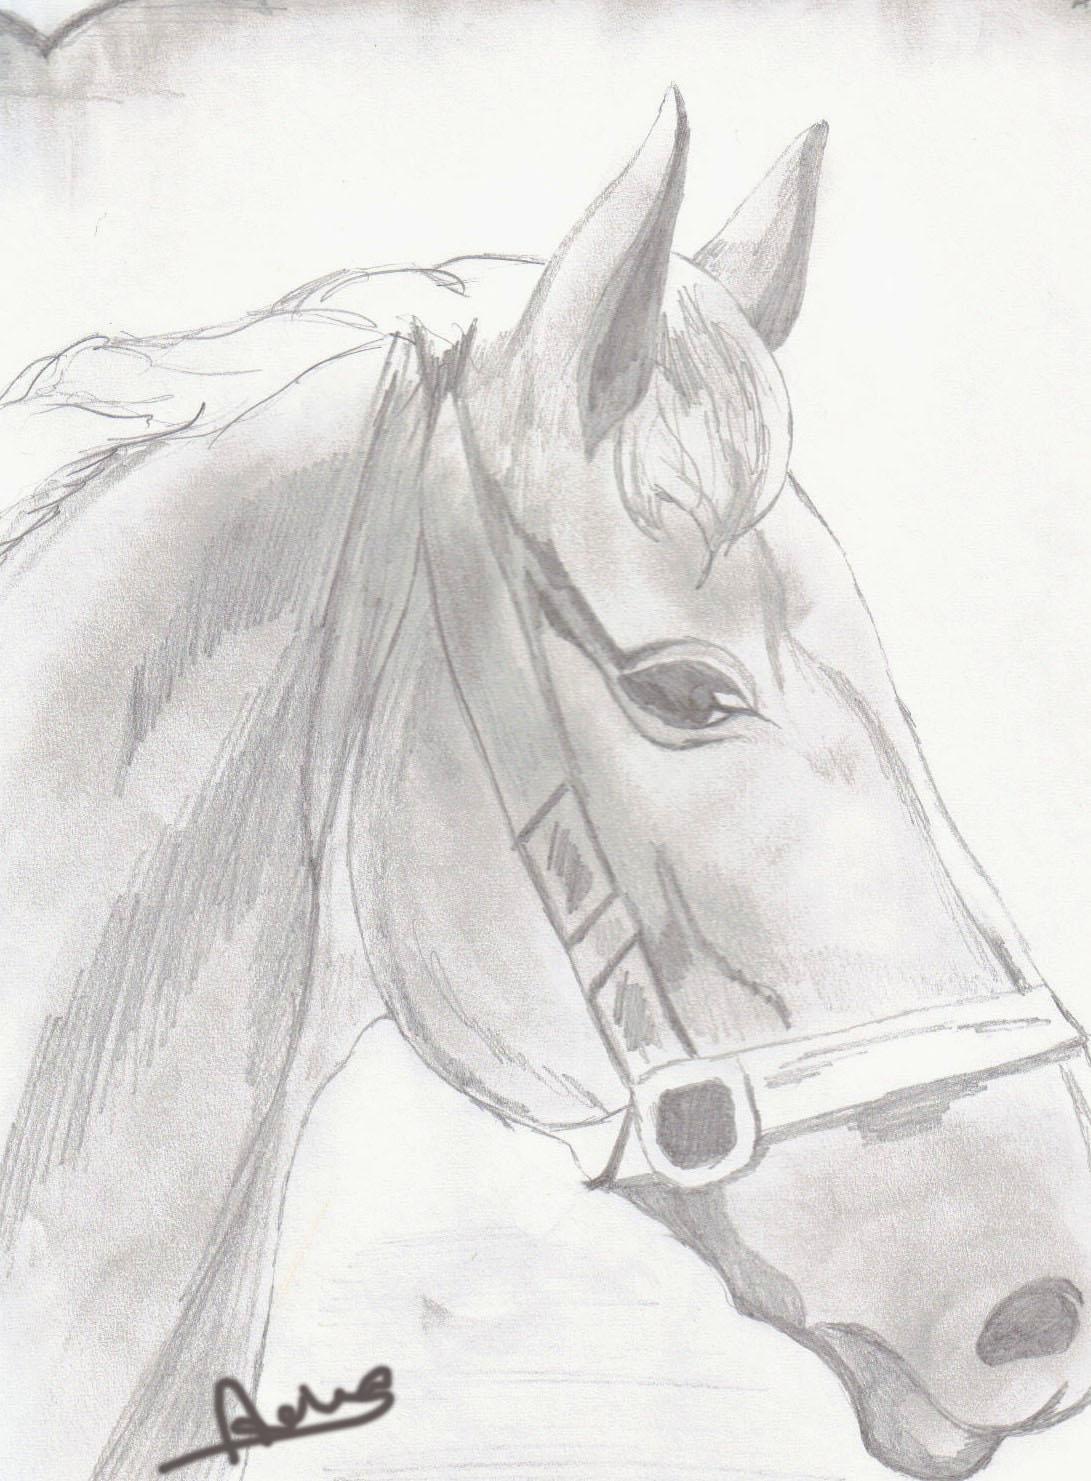 Disegni di cavalli disegni dei cavalli da colorare disegni for Disegni di cavalli a matita